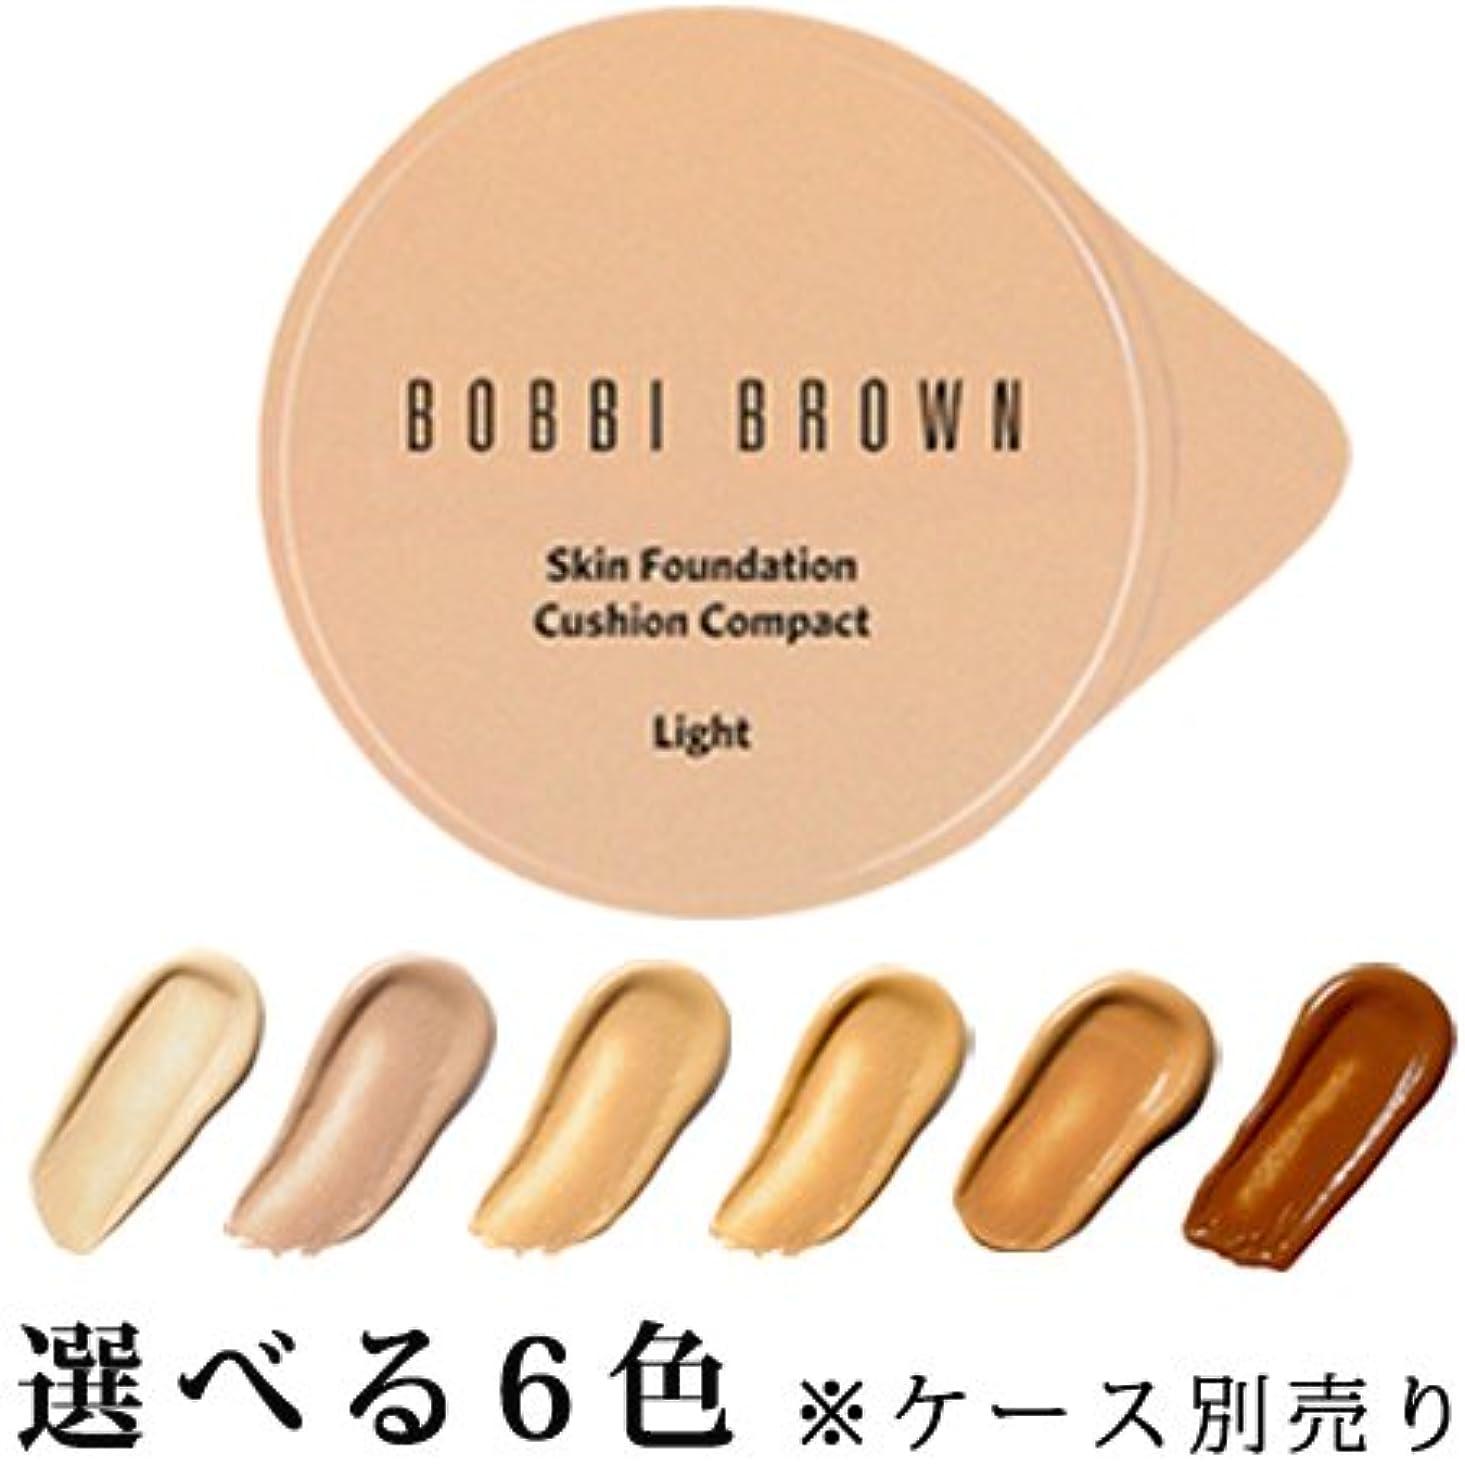 極地擬人化つぶすボビイブラウン スキン ファンデーション クッション コンパクト SPF 50 (PA+++) レフィル(スポンジ付)6色展開 -BOBBI BROWN- ライト